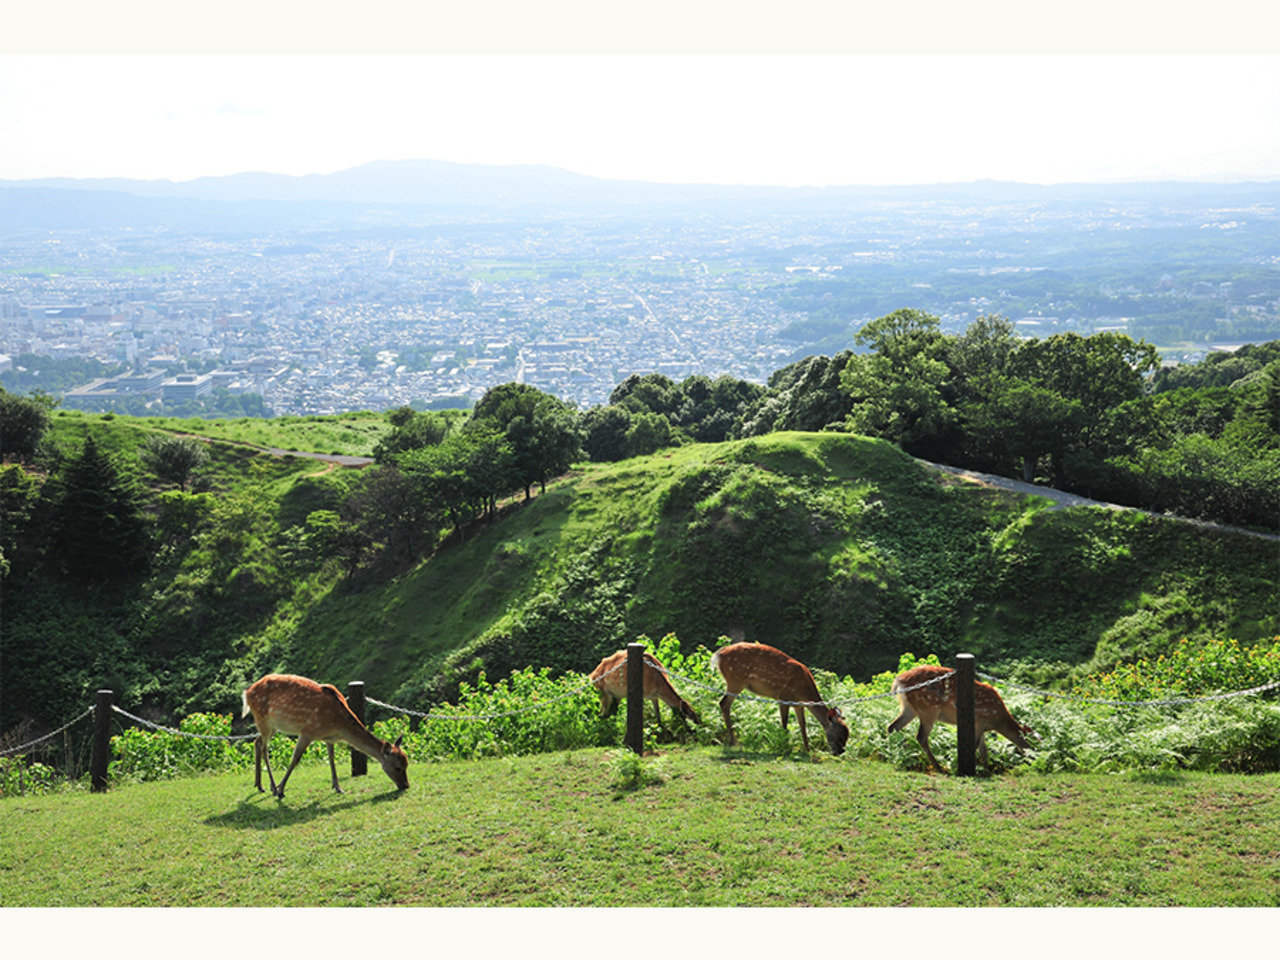 奈良市シェアオフィス設置のためのアイデア募集中